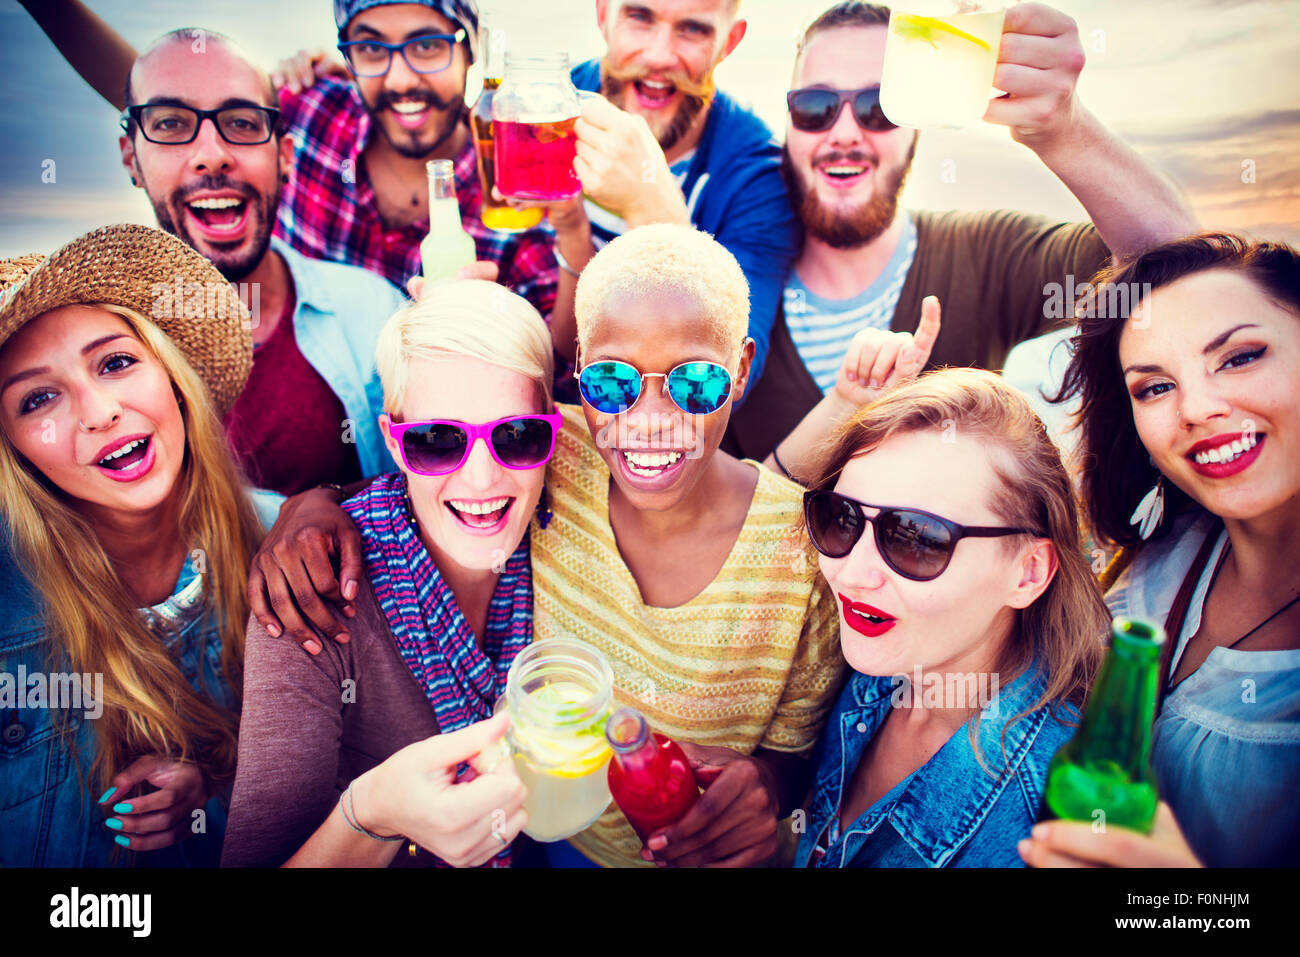 Feier fröhlich genießen Party Freizeit Glück Konzept Stockbild